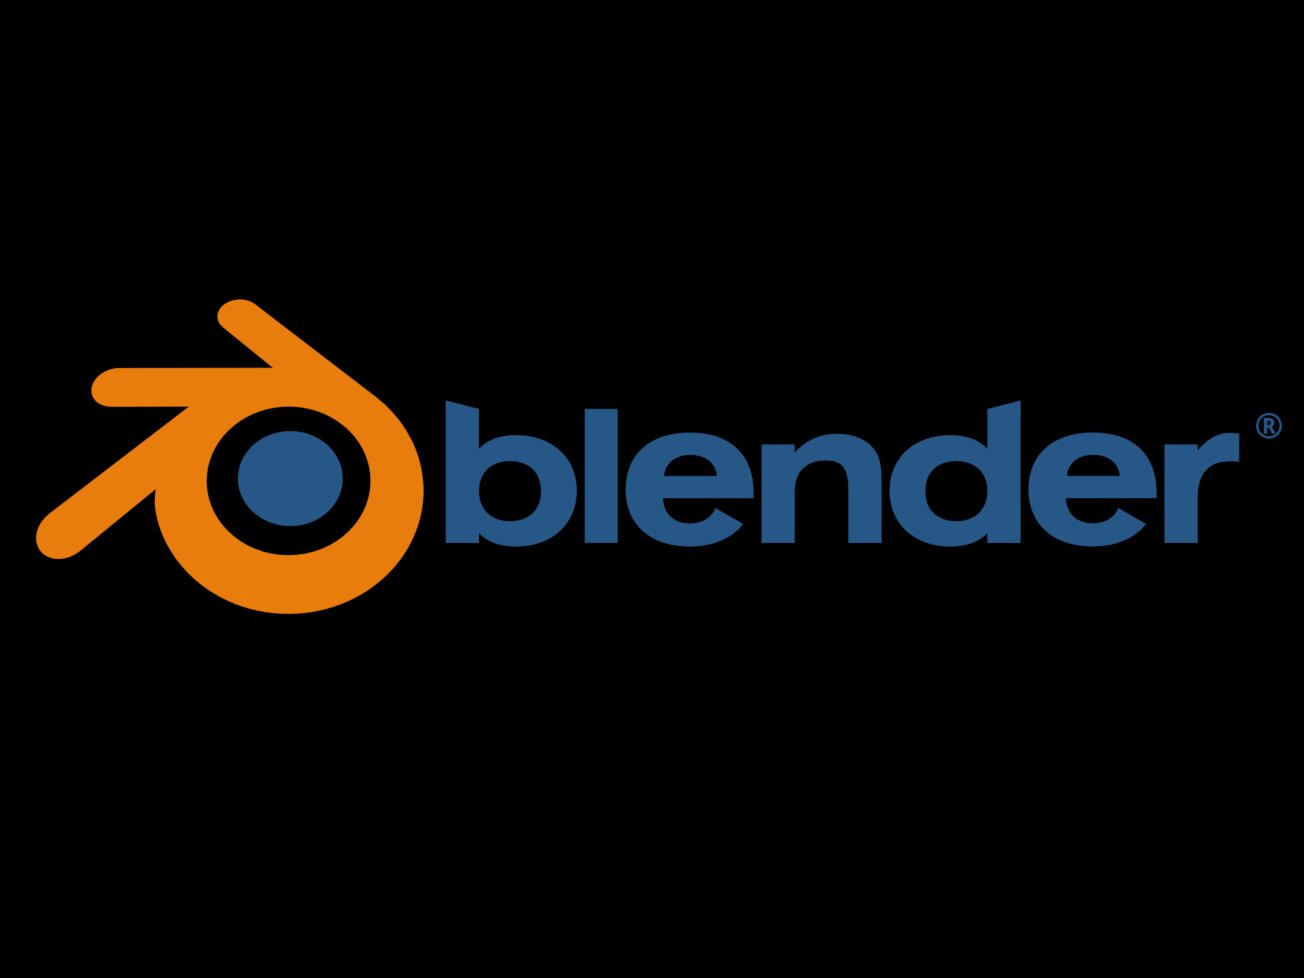 Blender 2.8x intègre les AI denoiser d'Intel (OID) et NVIDIA (OptiX) : comment ça marche ?